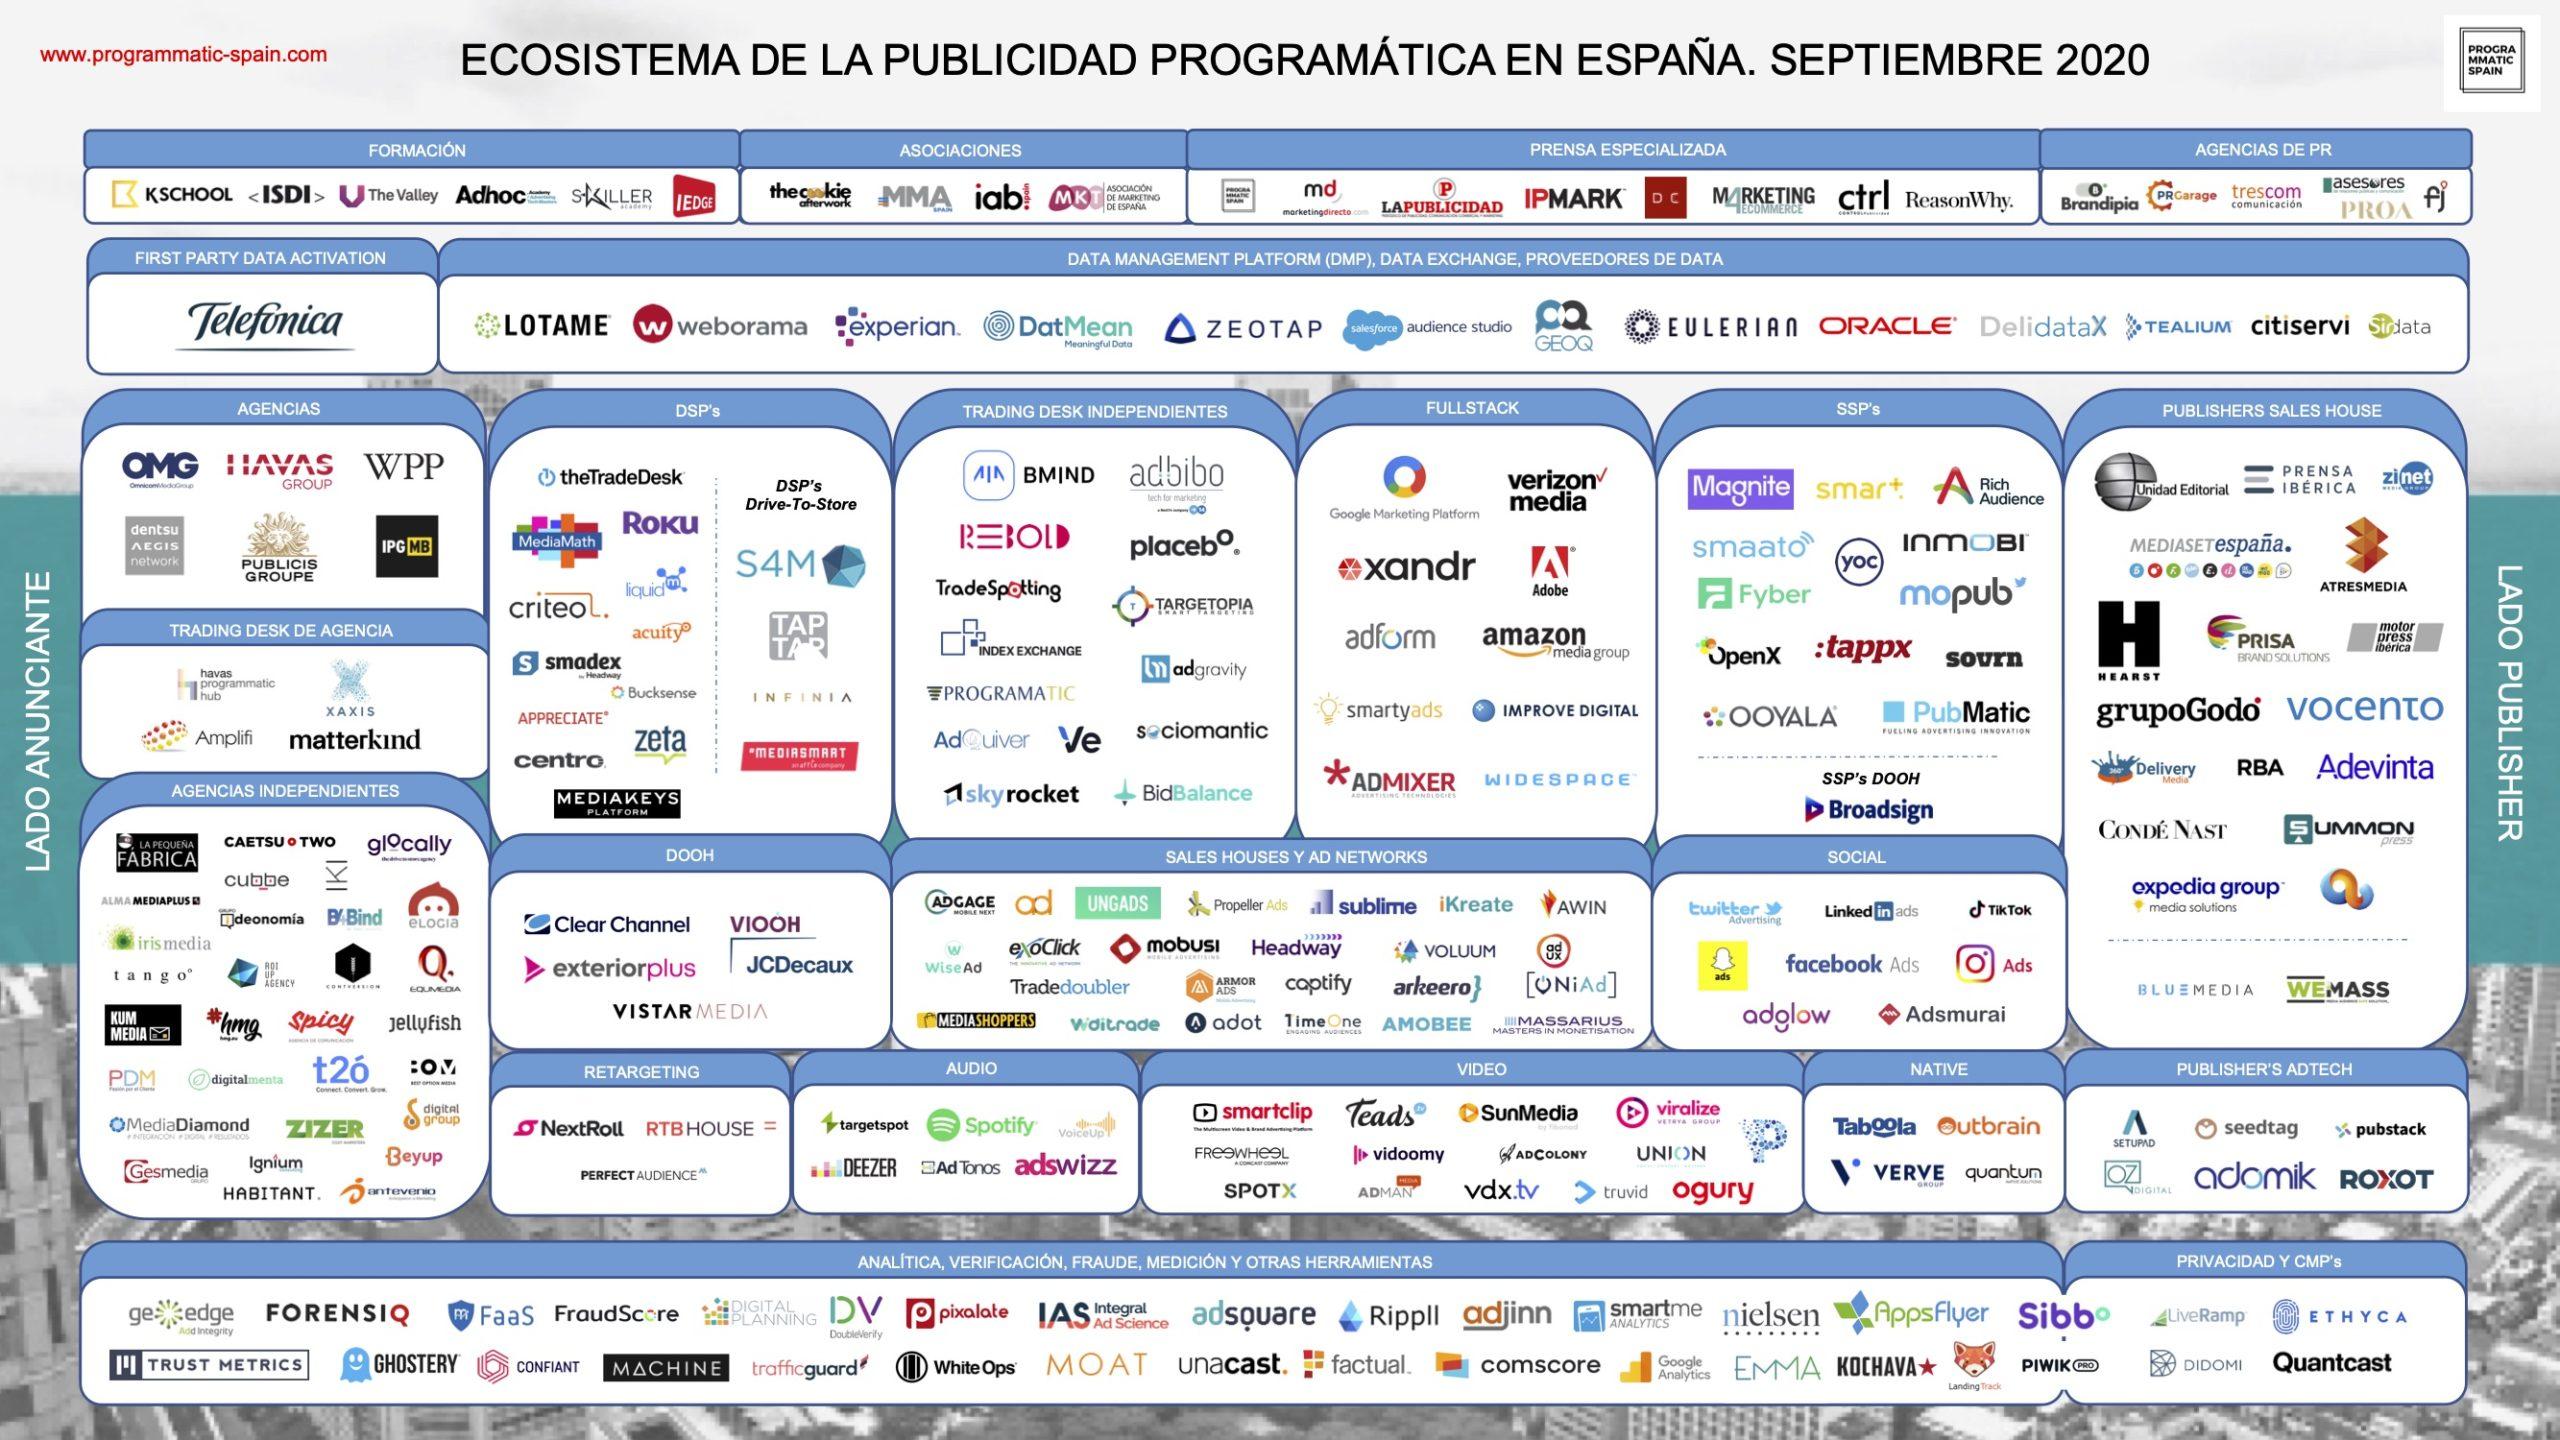 Ecosistema de la publicidad programática en España #infografia #infographic #marketing